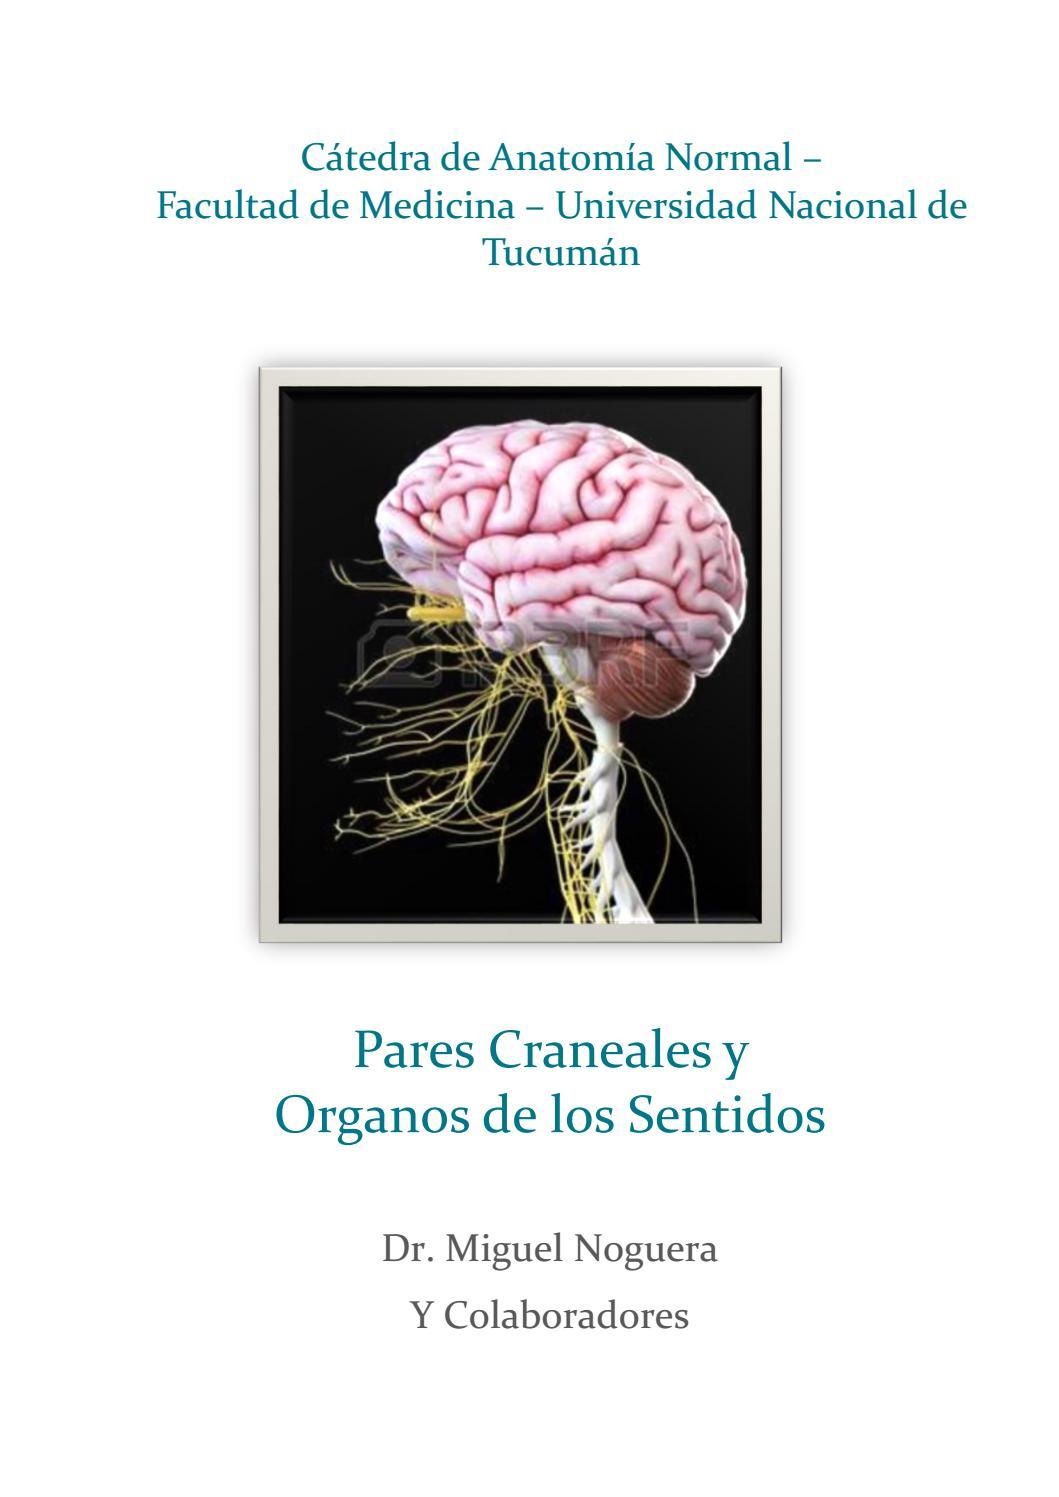 Pares Craneales y Organos de los sentidos by Miguel Angel Noguera ...